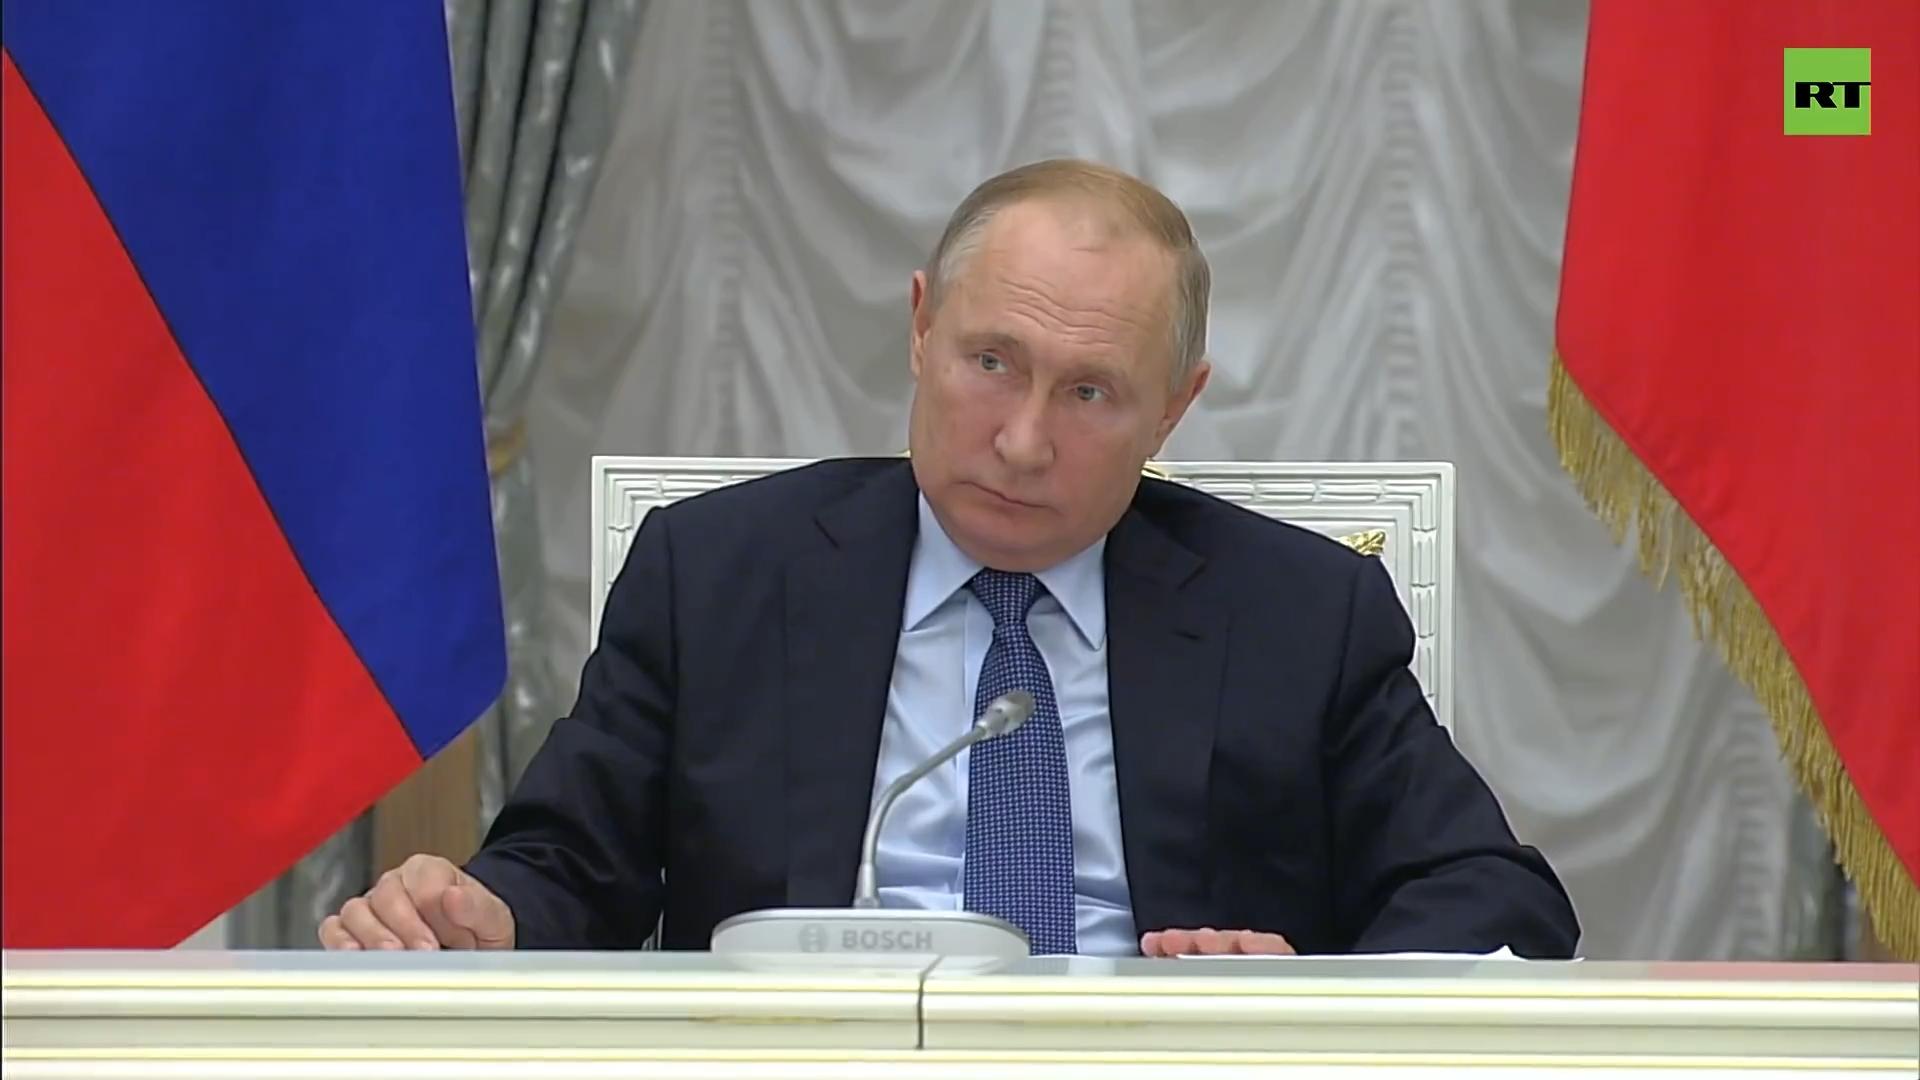 20191105_17-29-Путин поддержал идею организации юбилея Пушкина в 2024 году-pic8